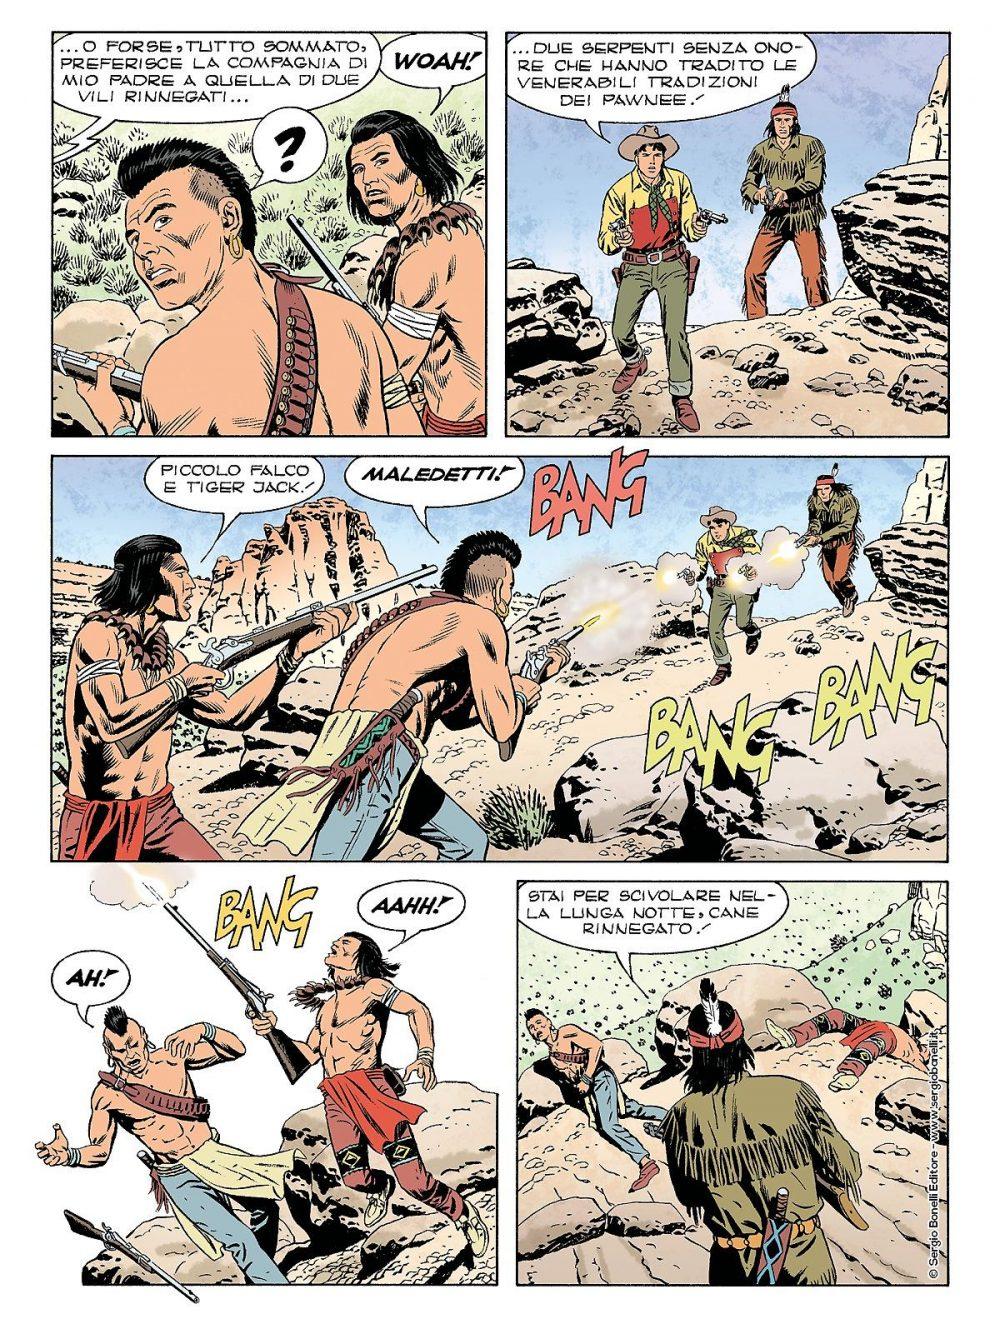 Tex 700: L'oro dei Pawnee, anteprima 05